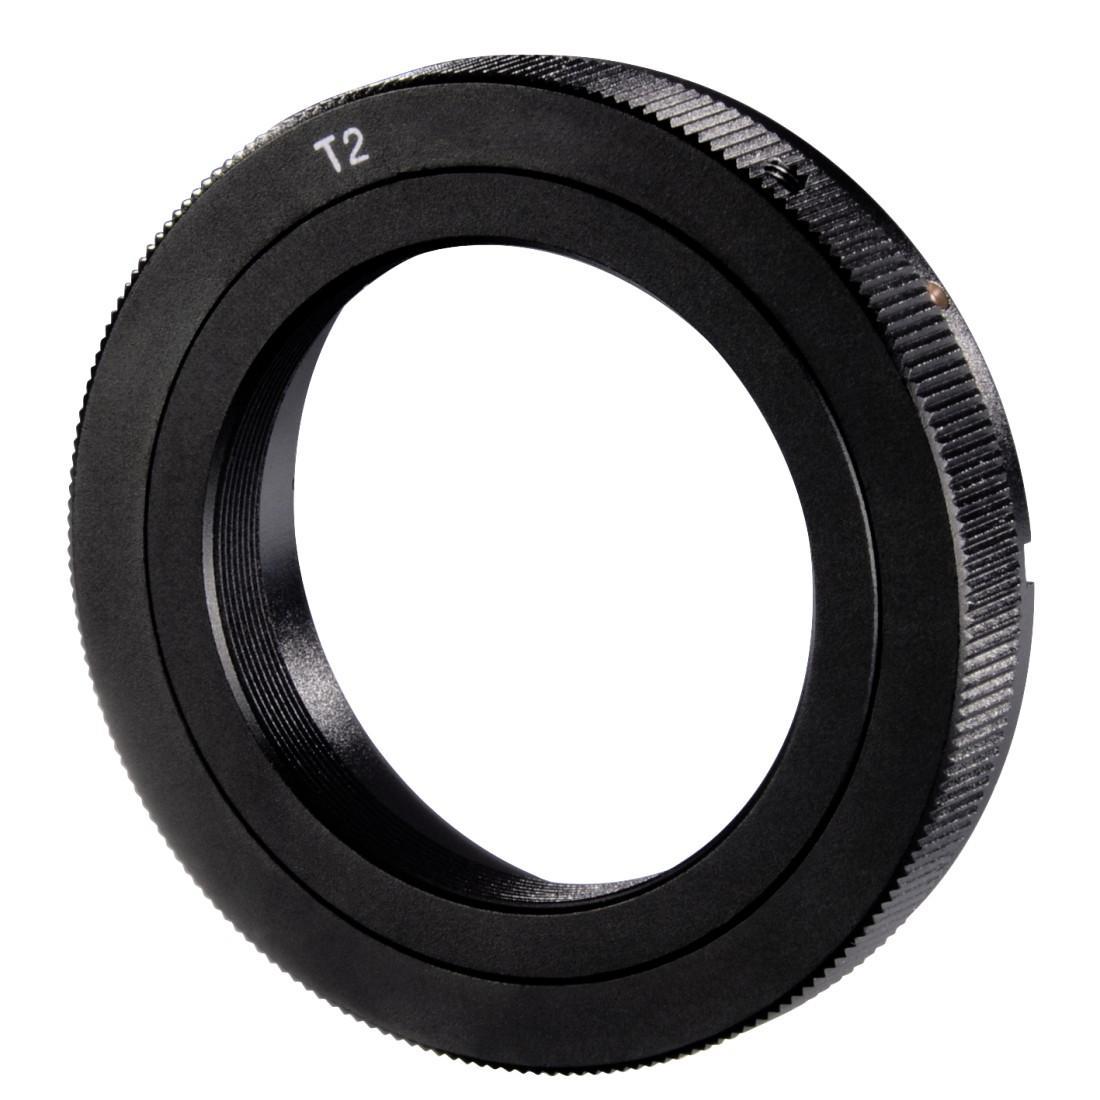 Hama Kamera-Adapter T2-Gewinde für Canon EOS: Amazon.de